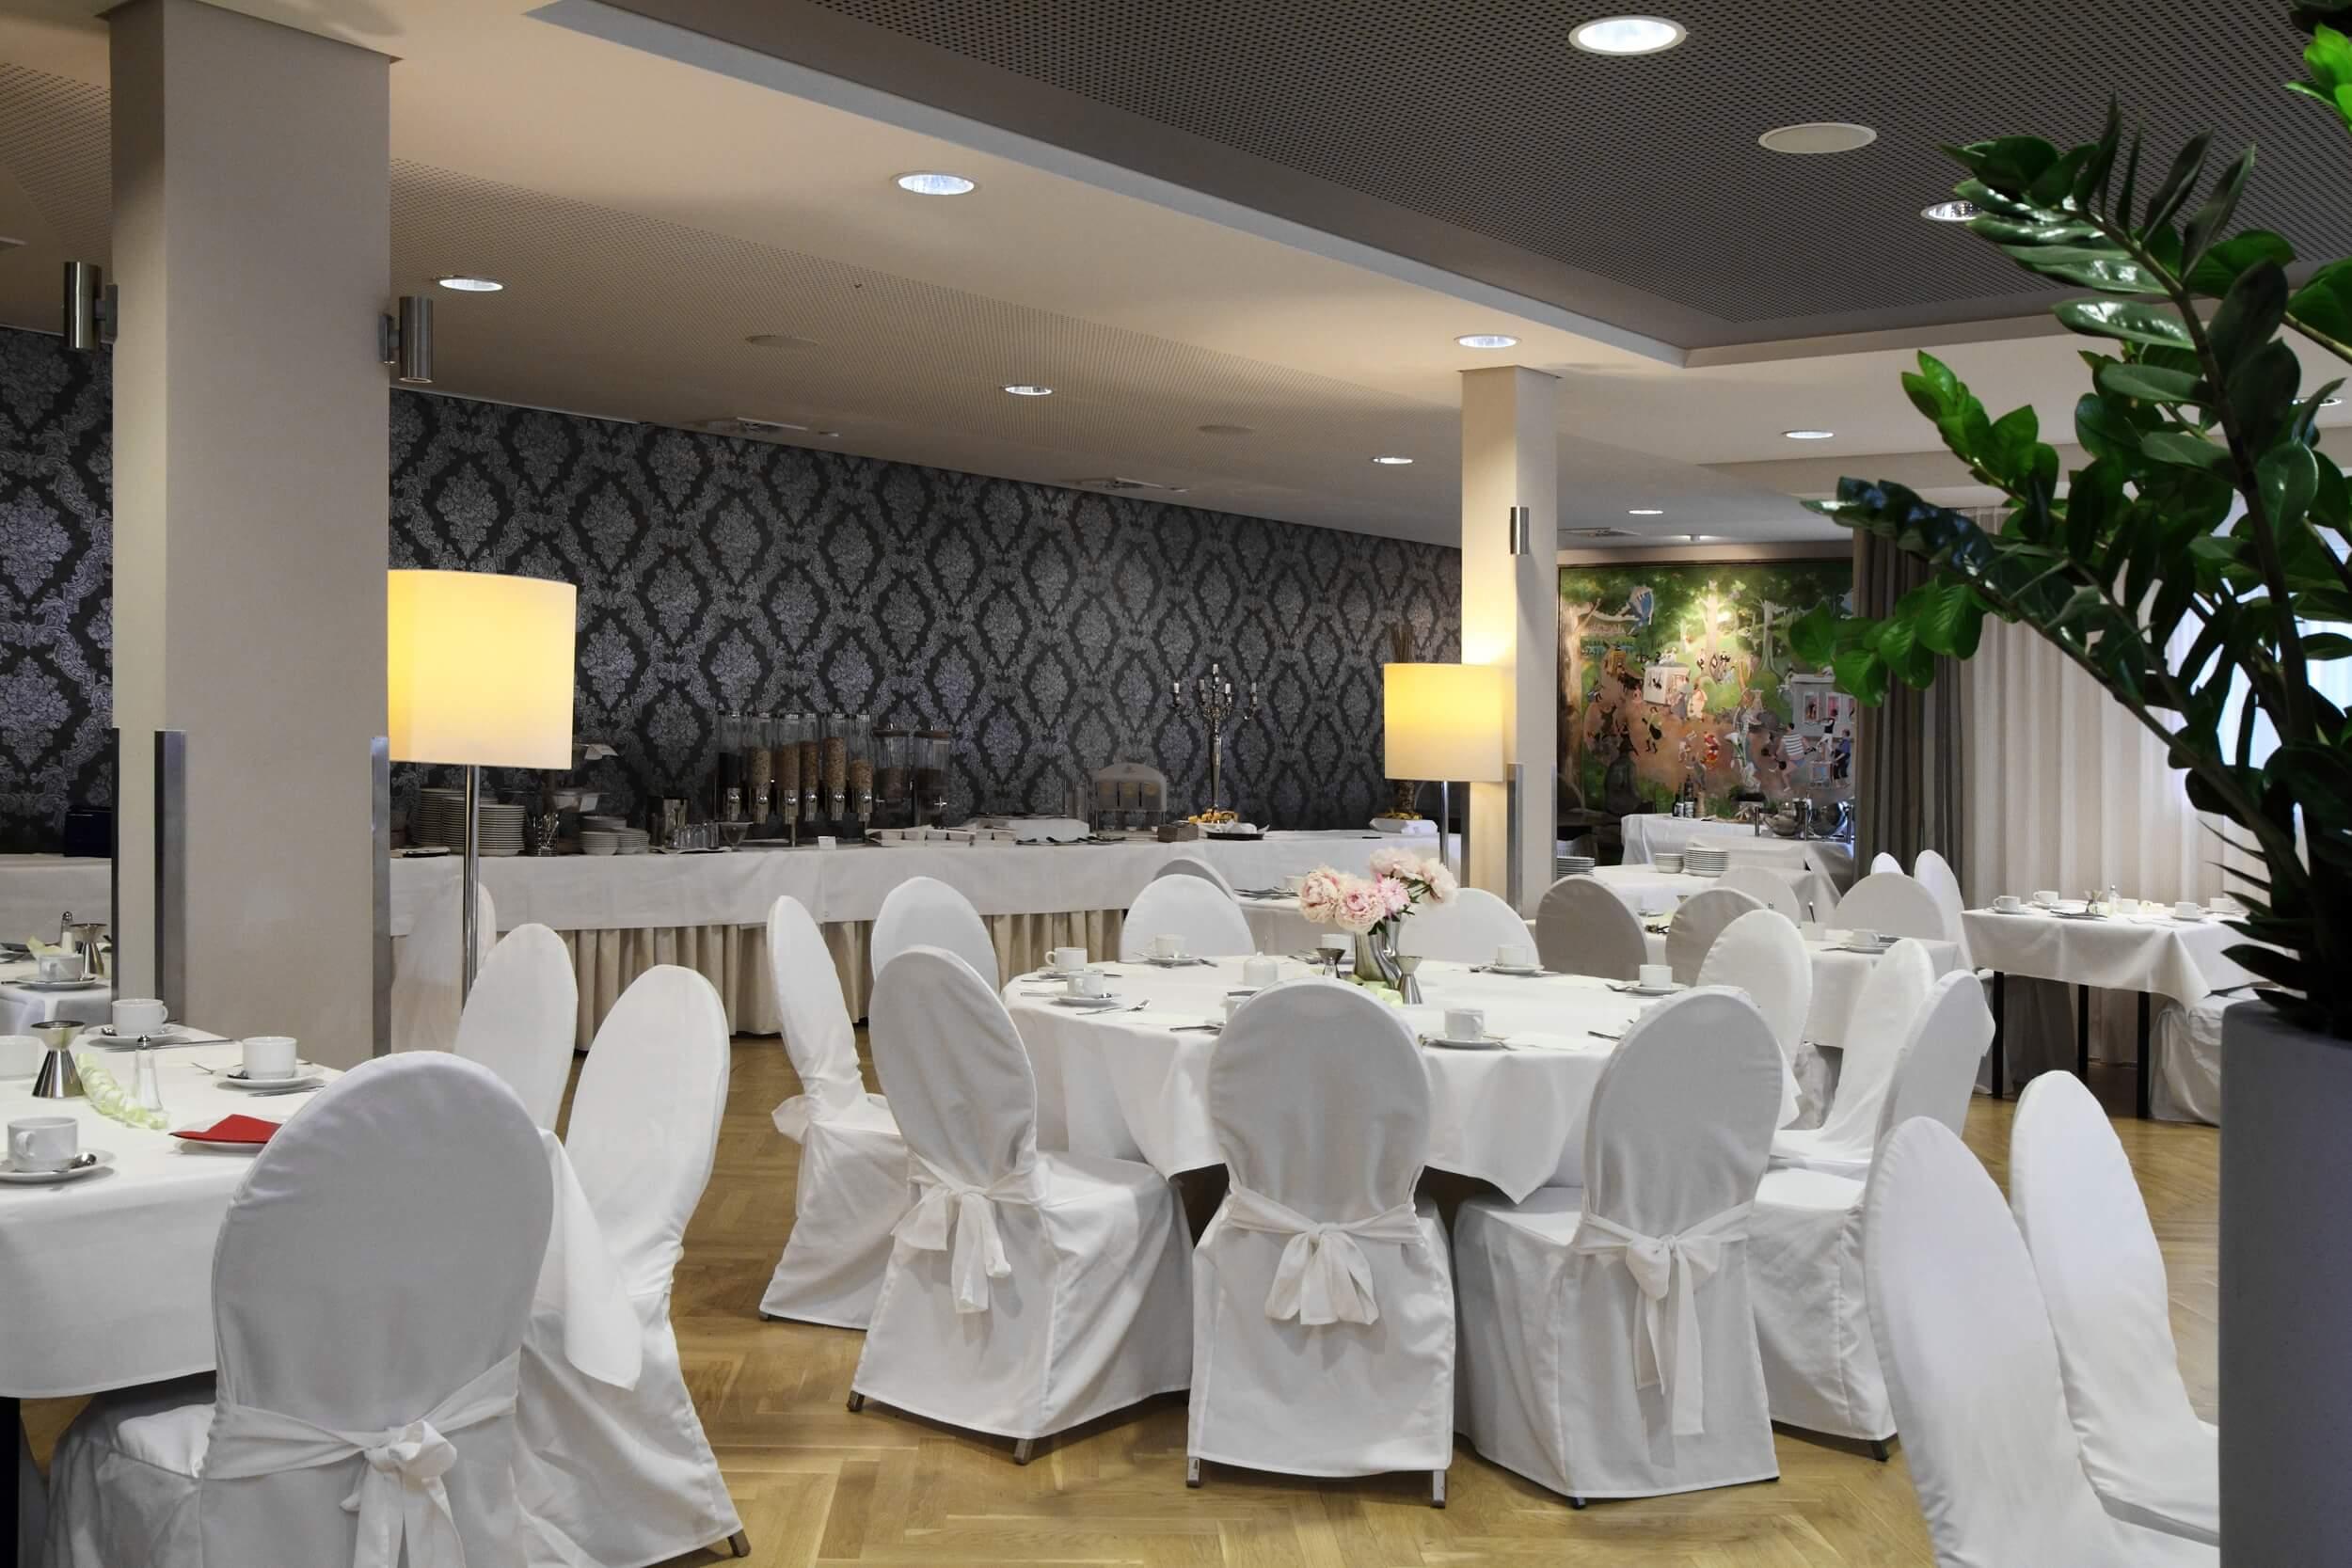 Best Western Premier Park Hotel & Spa Tagungsbereich